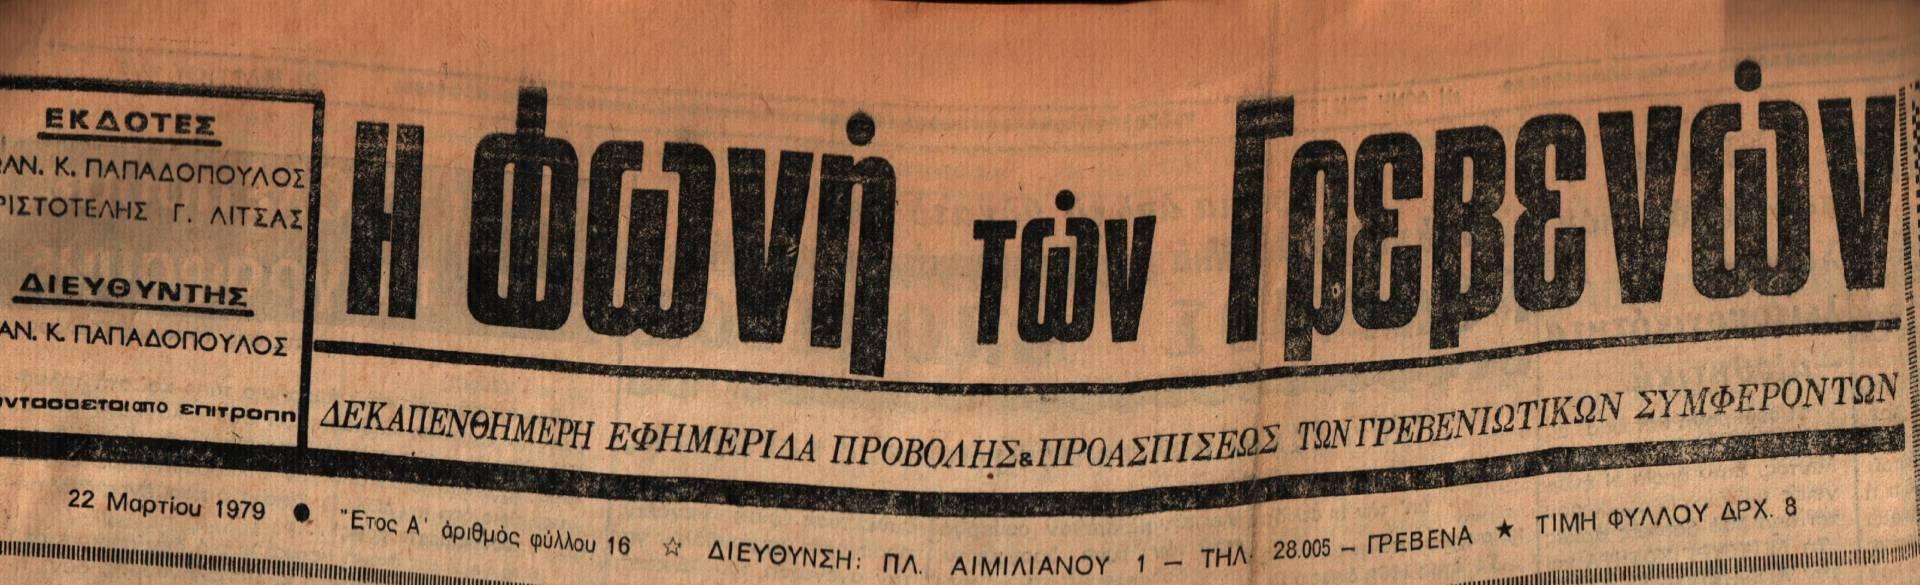 22 Μαρτίου 1979: Η ιστορία των Γρεβενών μέσα από τον Τοπικό Τύπο.Σήμερα:Καλούνται στα Γρεβενά οι υπουργοί κ.Μητσοτάκης και κ.Ζαρντινίδης